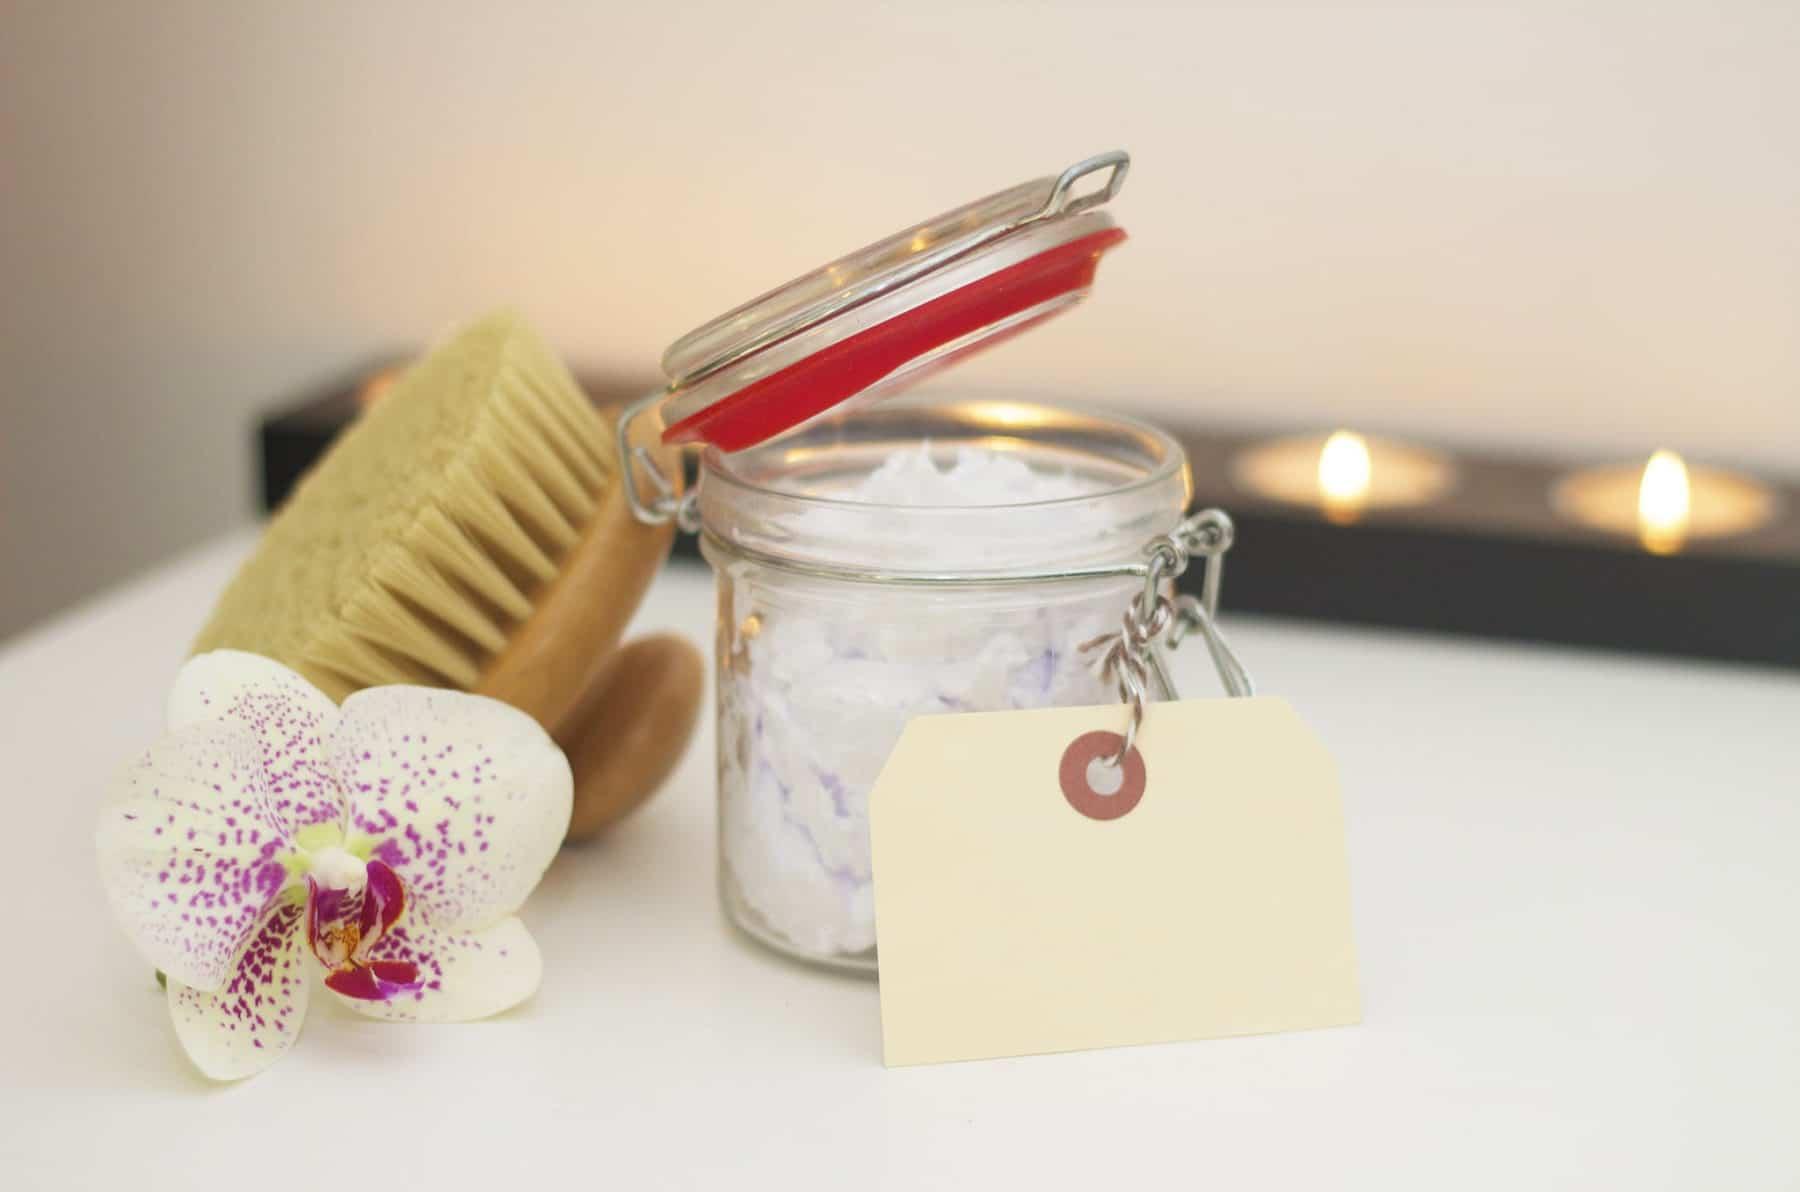 Kosmetolog uddannelse og kosmetologskoler